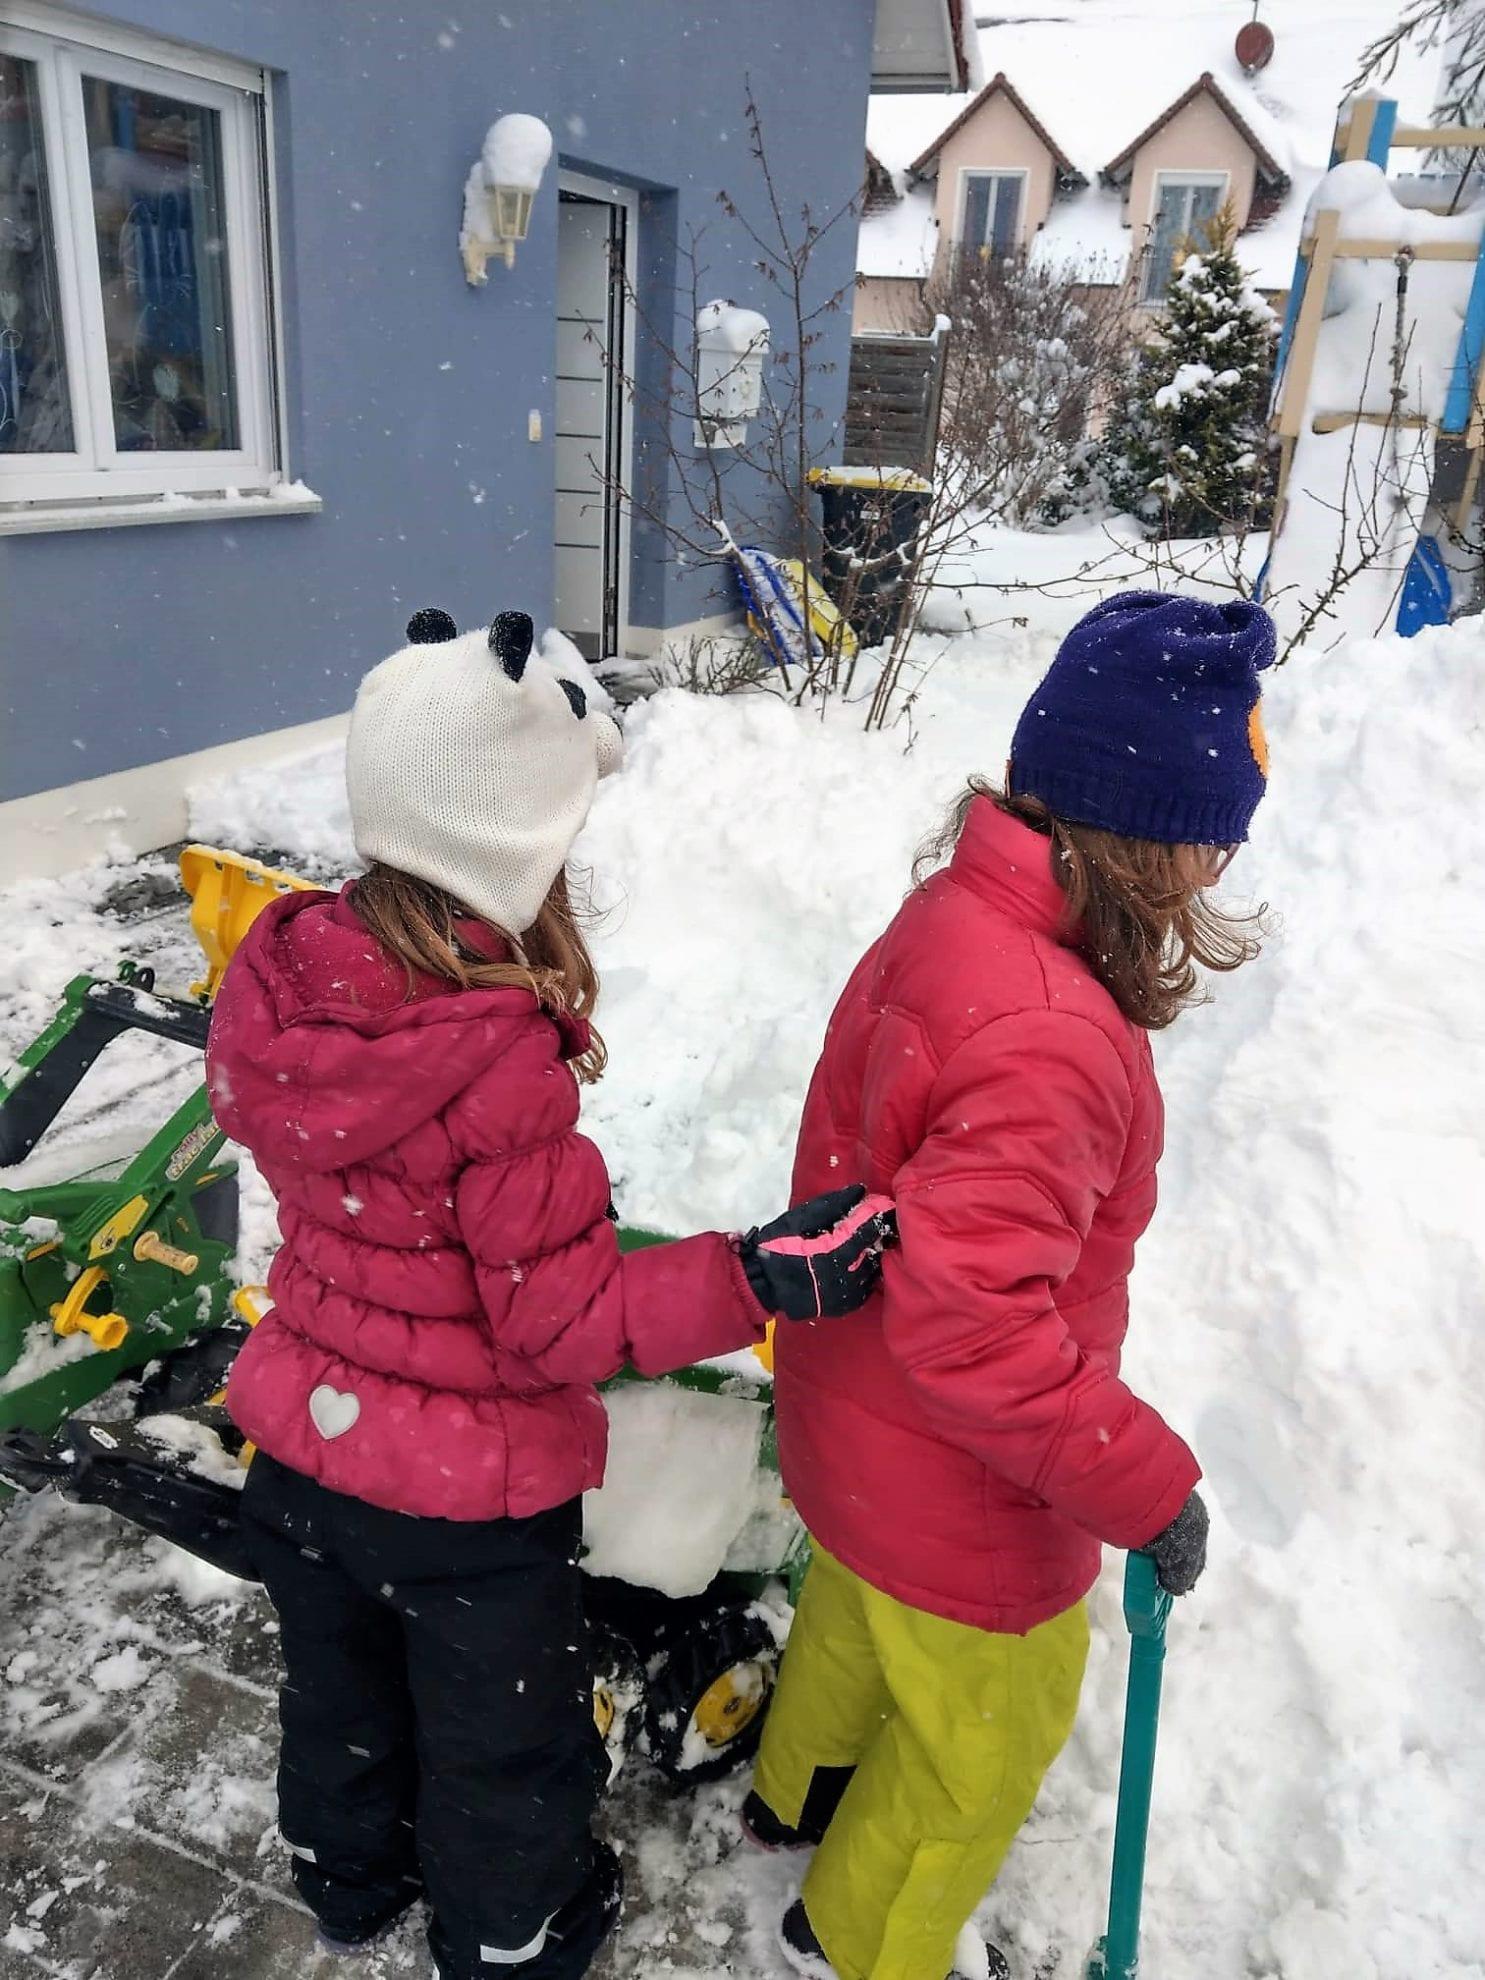 Unser 12 von 12 im Januar 2019 ist geprägt von Schnee. Hier ist alles weiß und die Kinder versuchen sich an einem Iglu. 12 Bilder von unserem Tag.